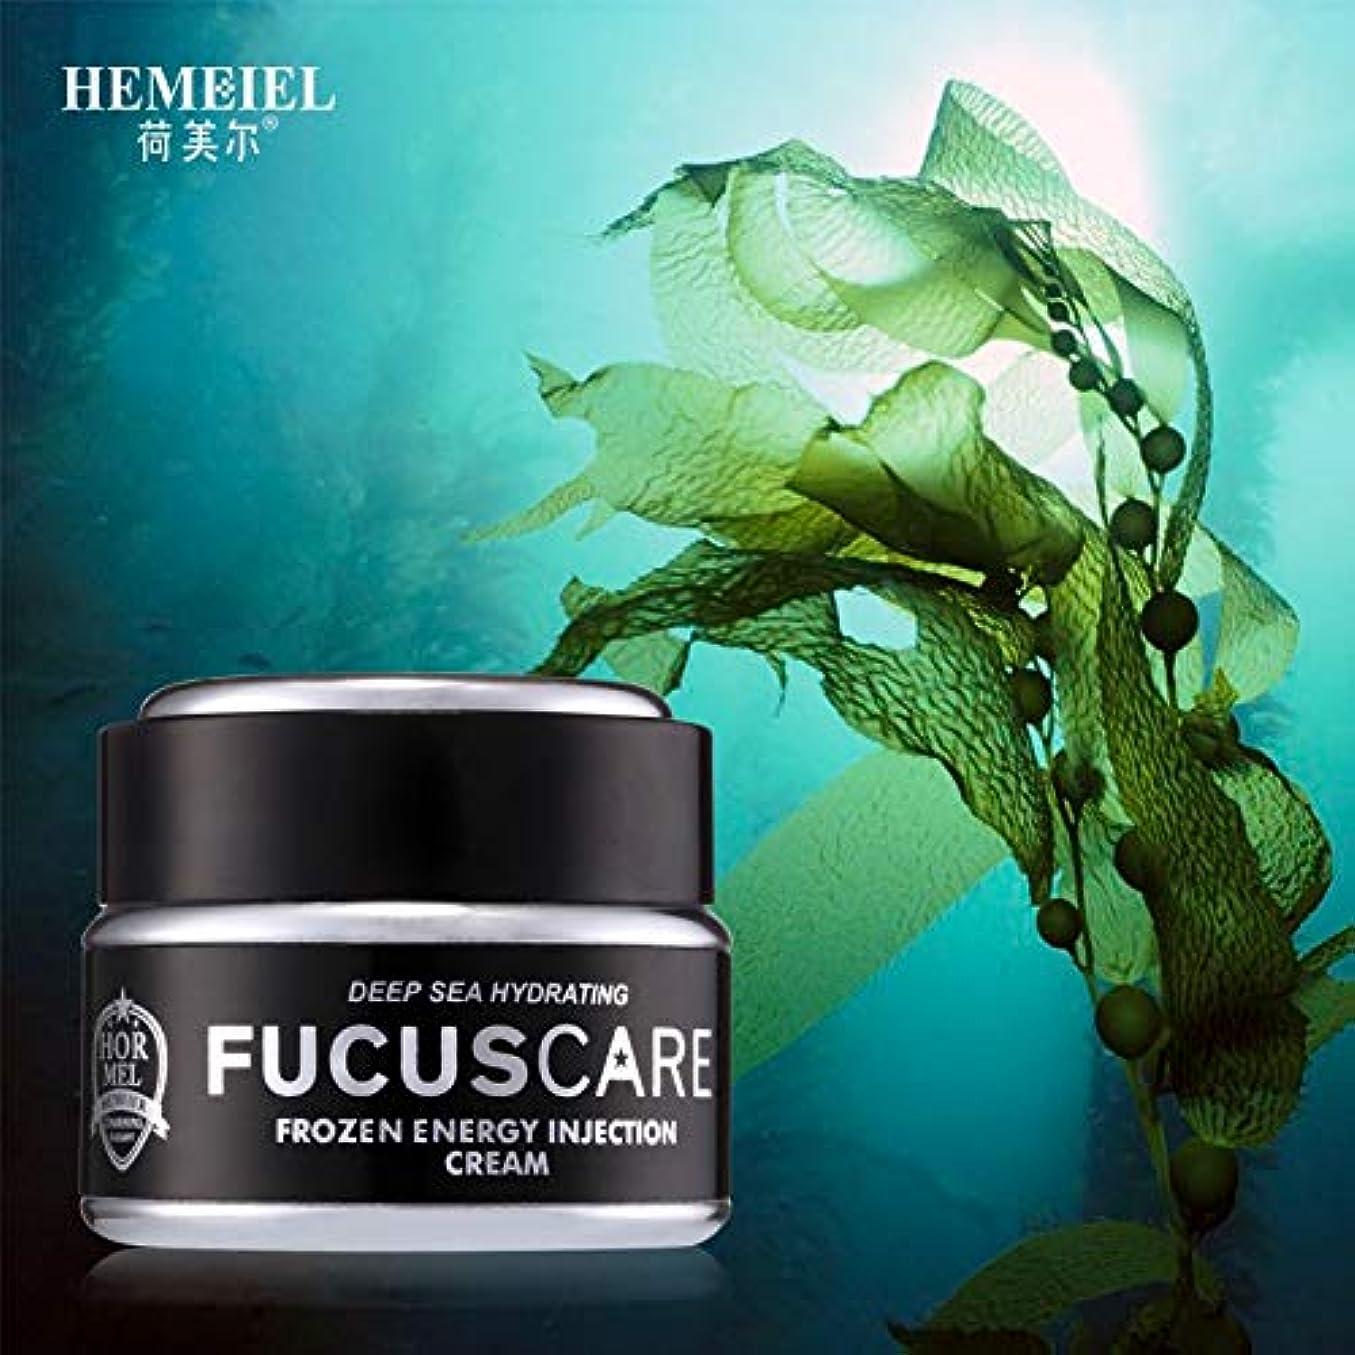 邪魔する効率的に頬HEMEIELモイスチャライジングクリーム深海海藻エッセンススーパーハイドレイティングオイルコントロールフェイスクリームコーニンクリーム